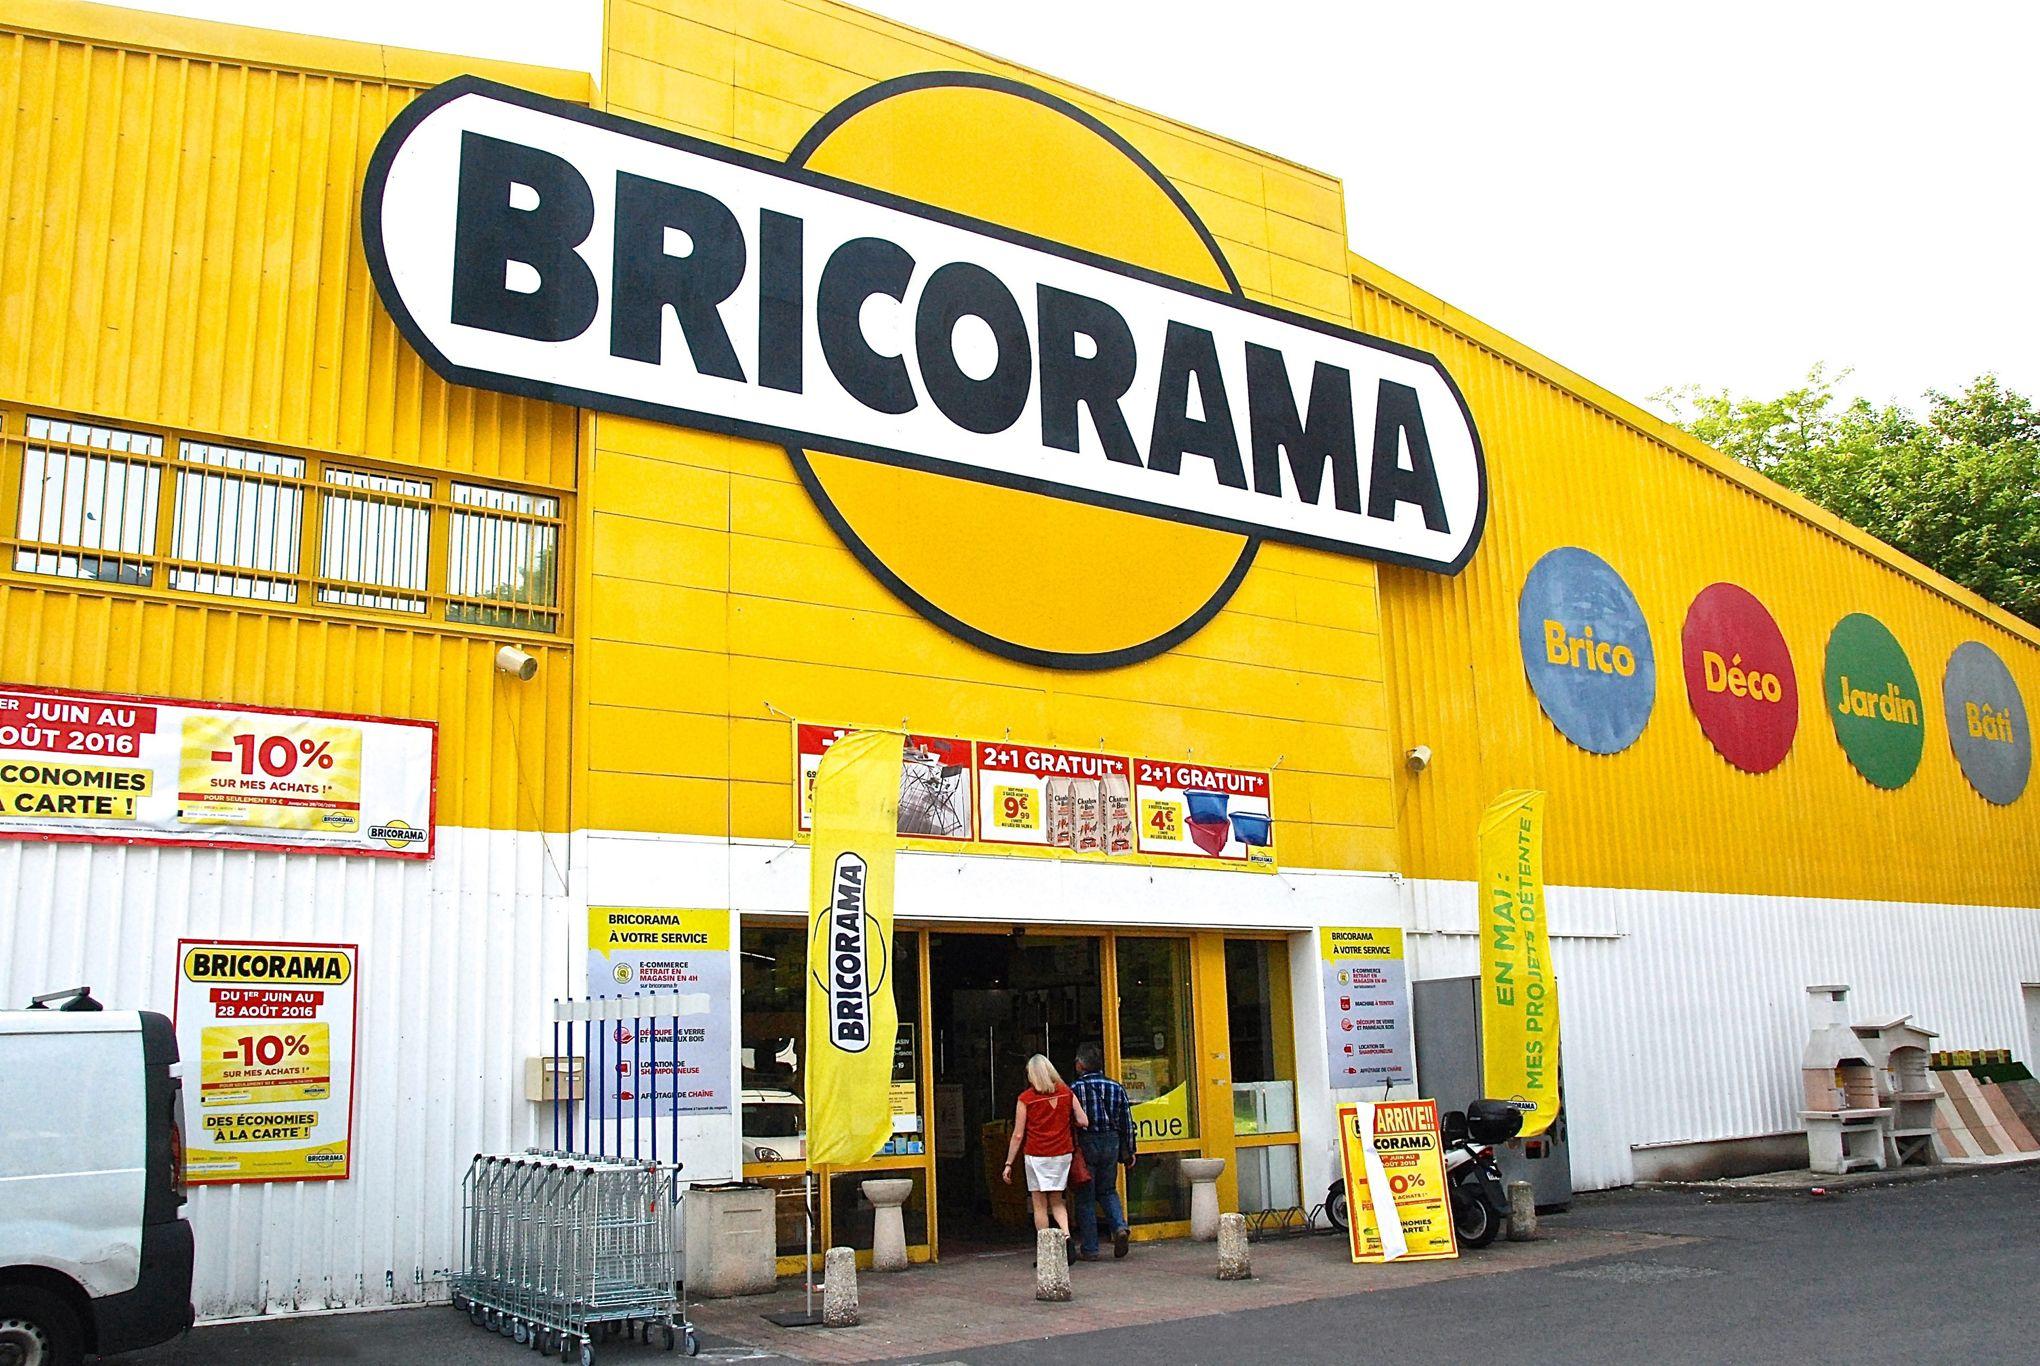 Bricorama : La Vente À Intermarché Crée De Forts Remous encequiconcerne Abri De Jardin Bricorama